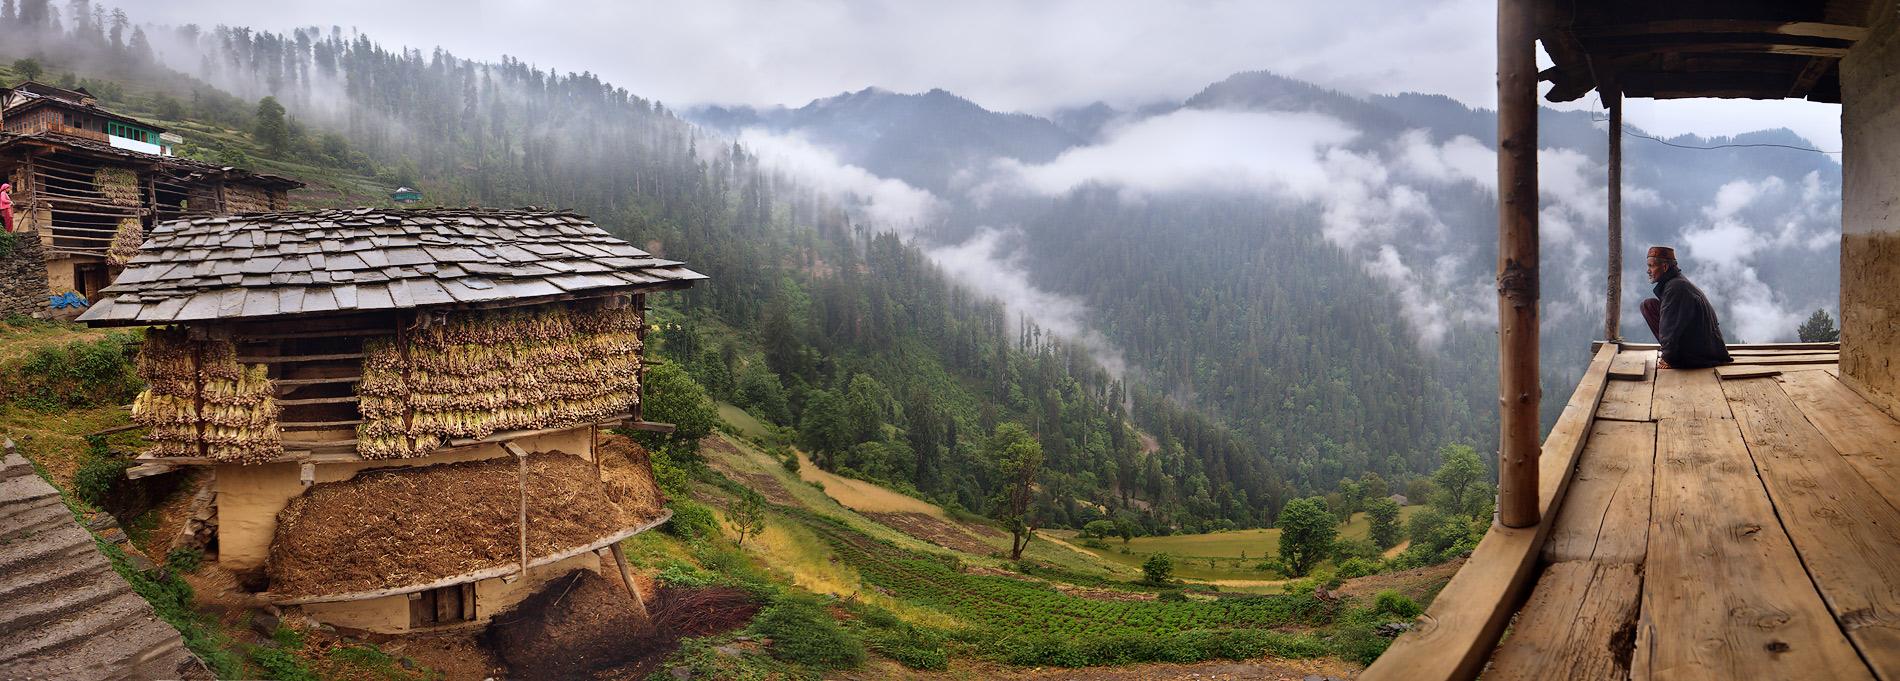 Раннее утро в горной деревне (север Индии)